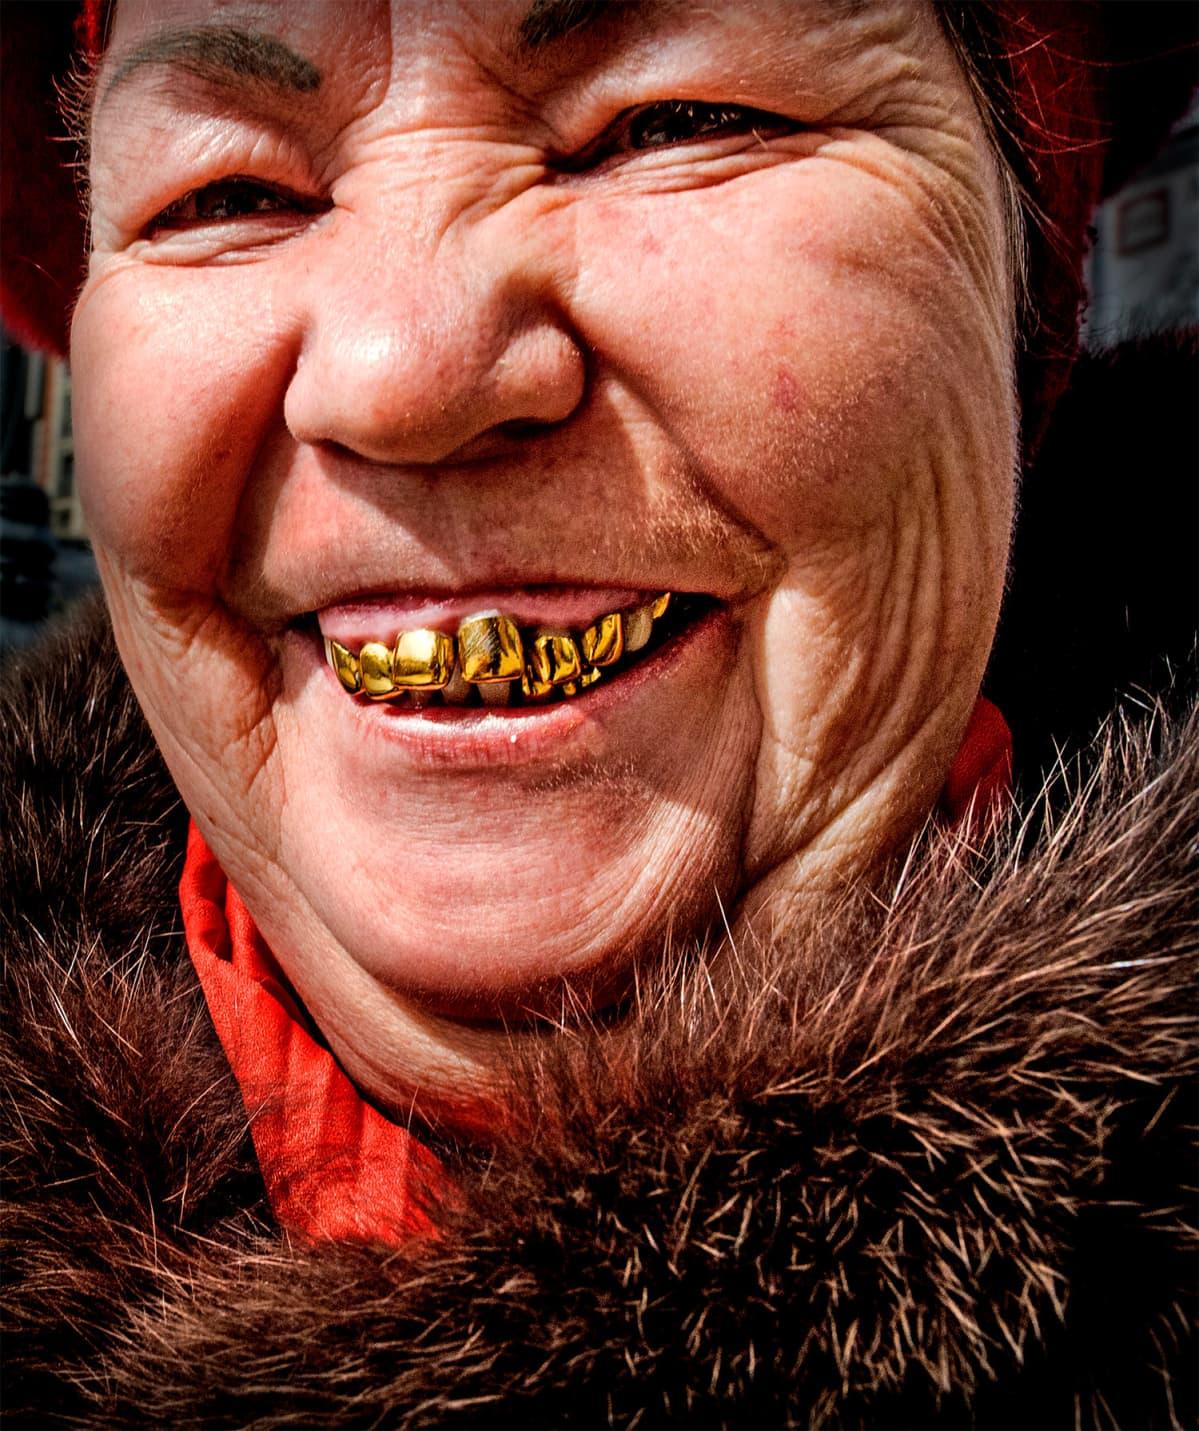 Kultahampainen nainen Moskovasta